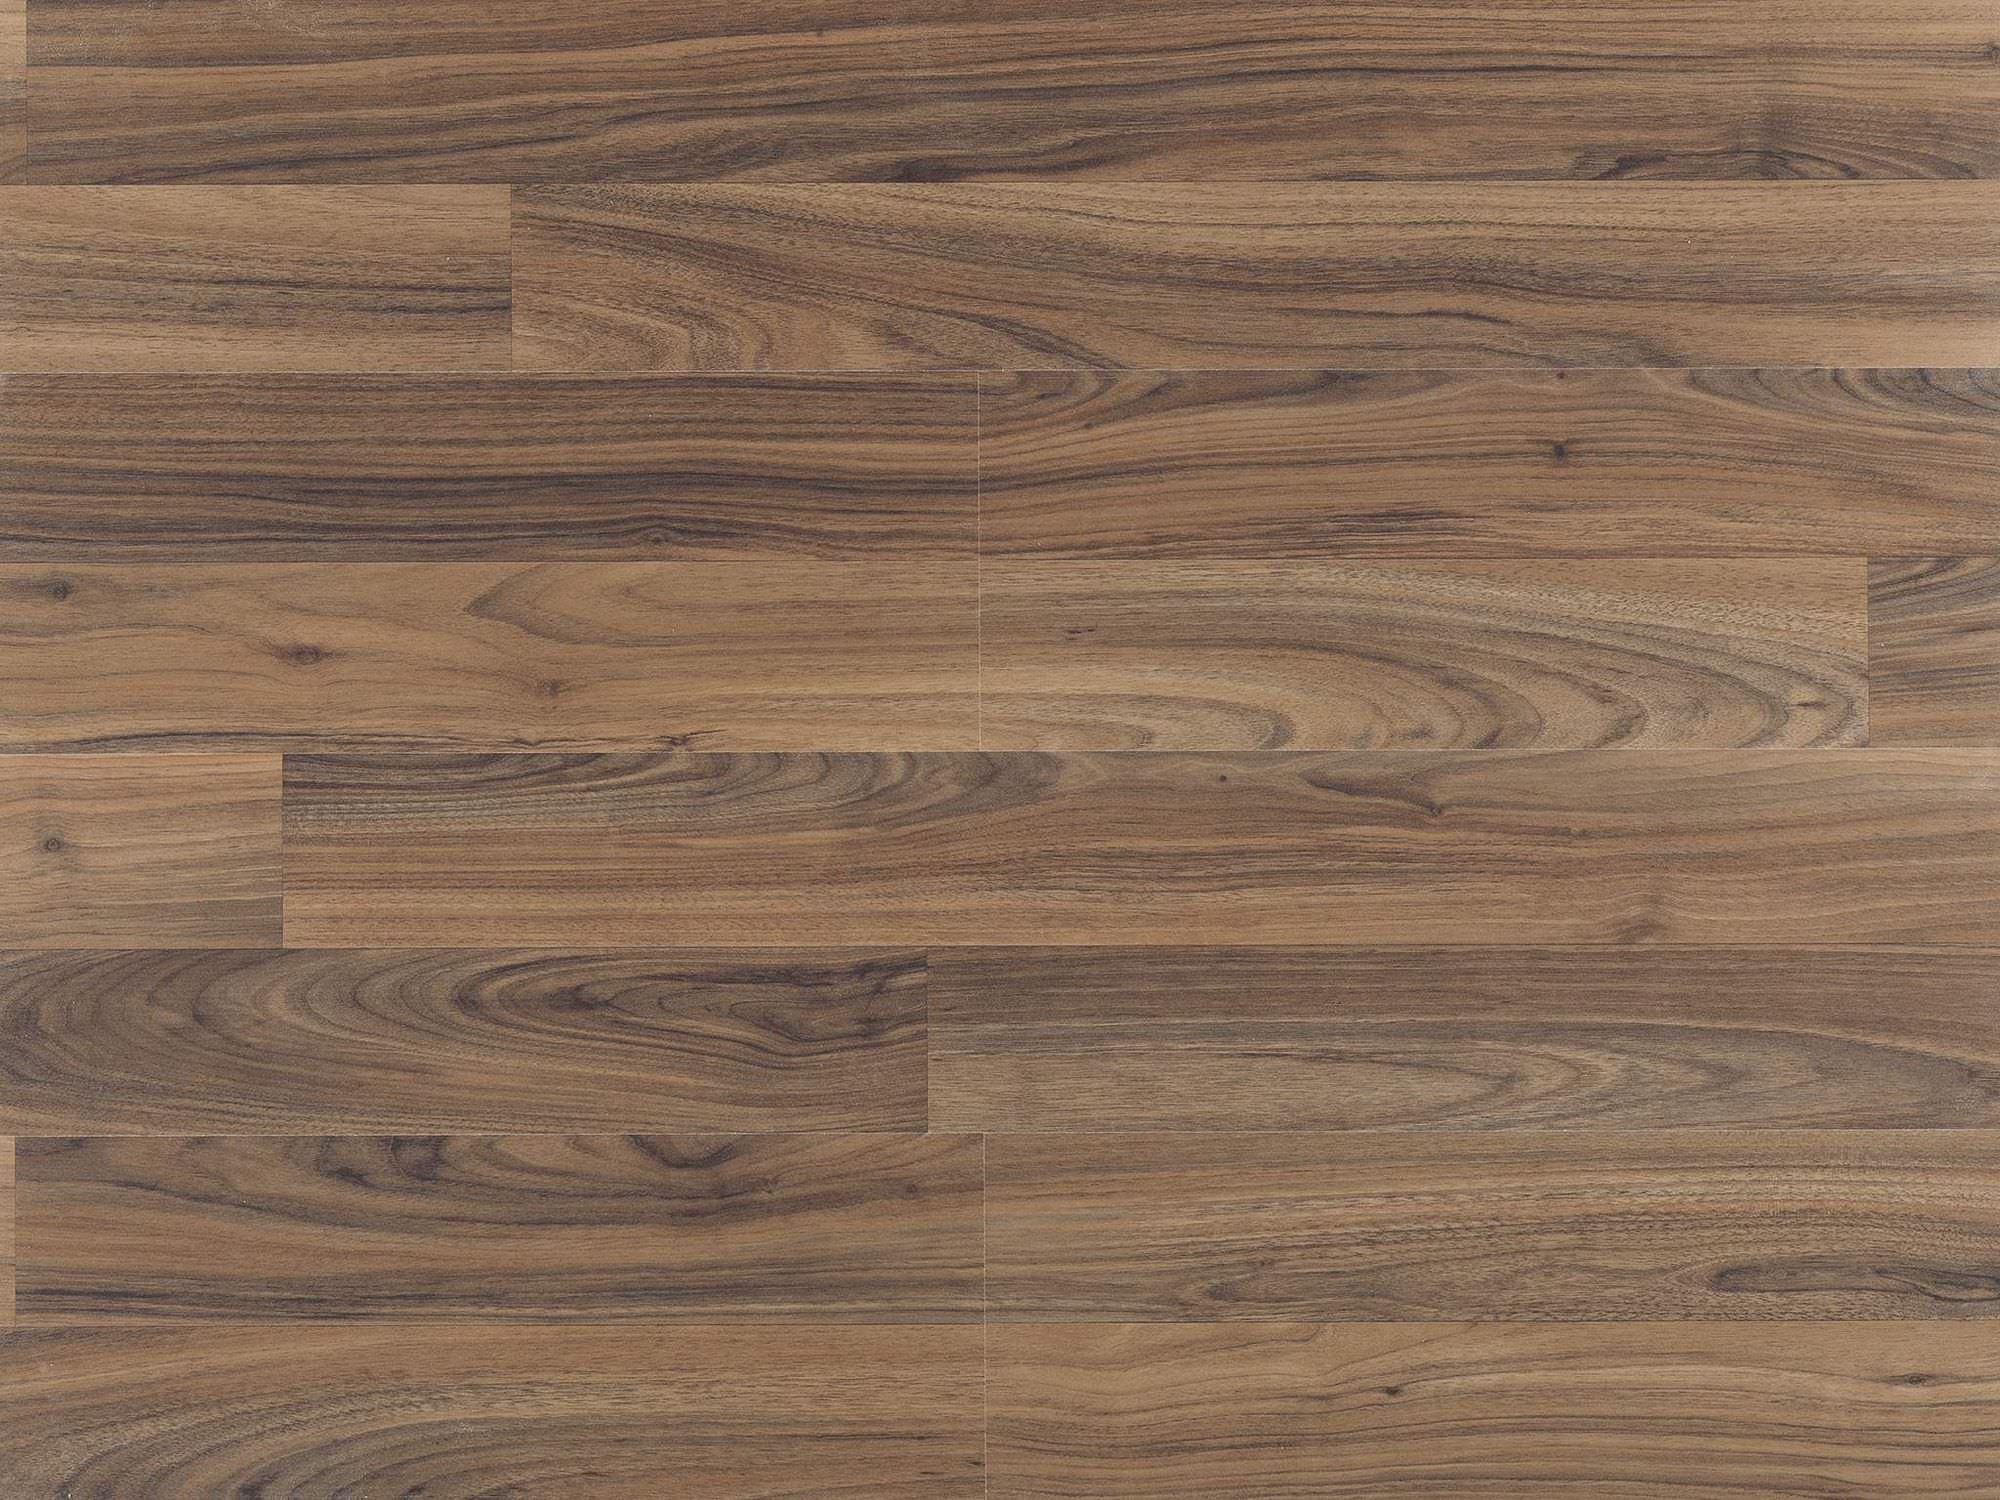 I nostri lavori fois mirko vendita posa parquet for Battiscopa in legno bricoman